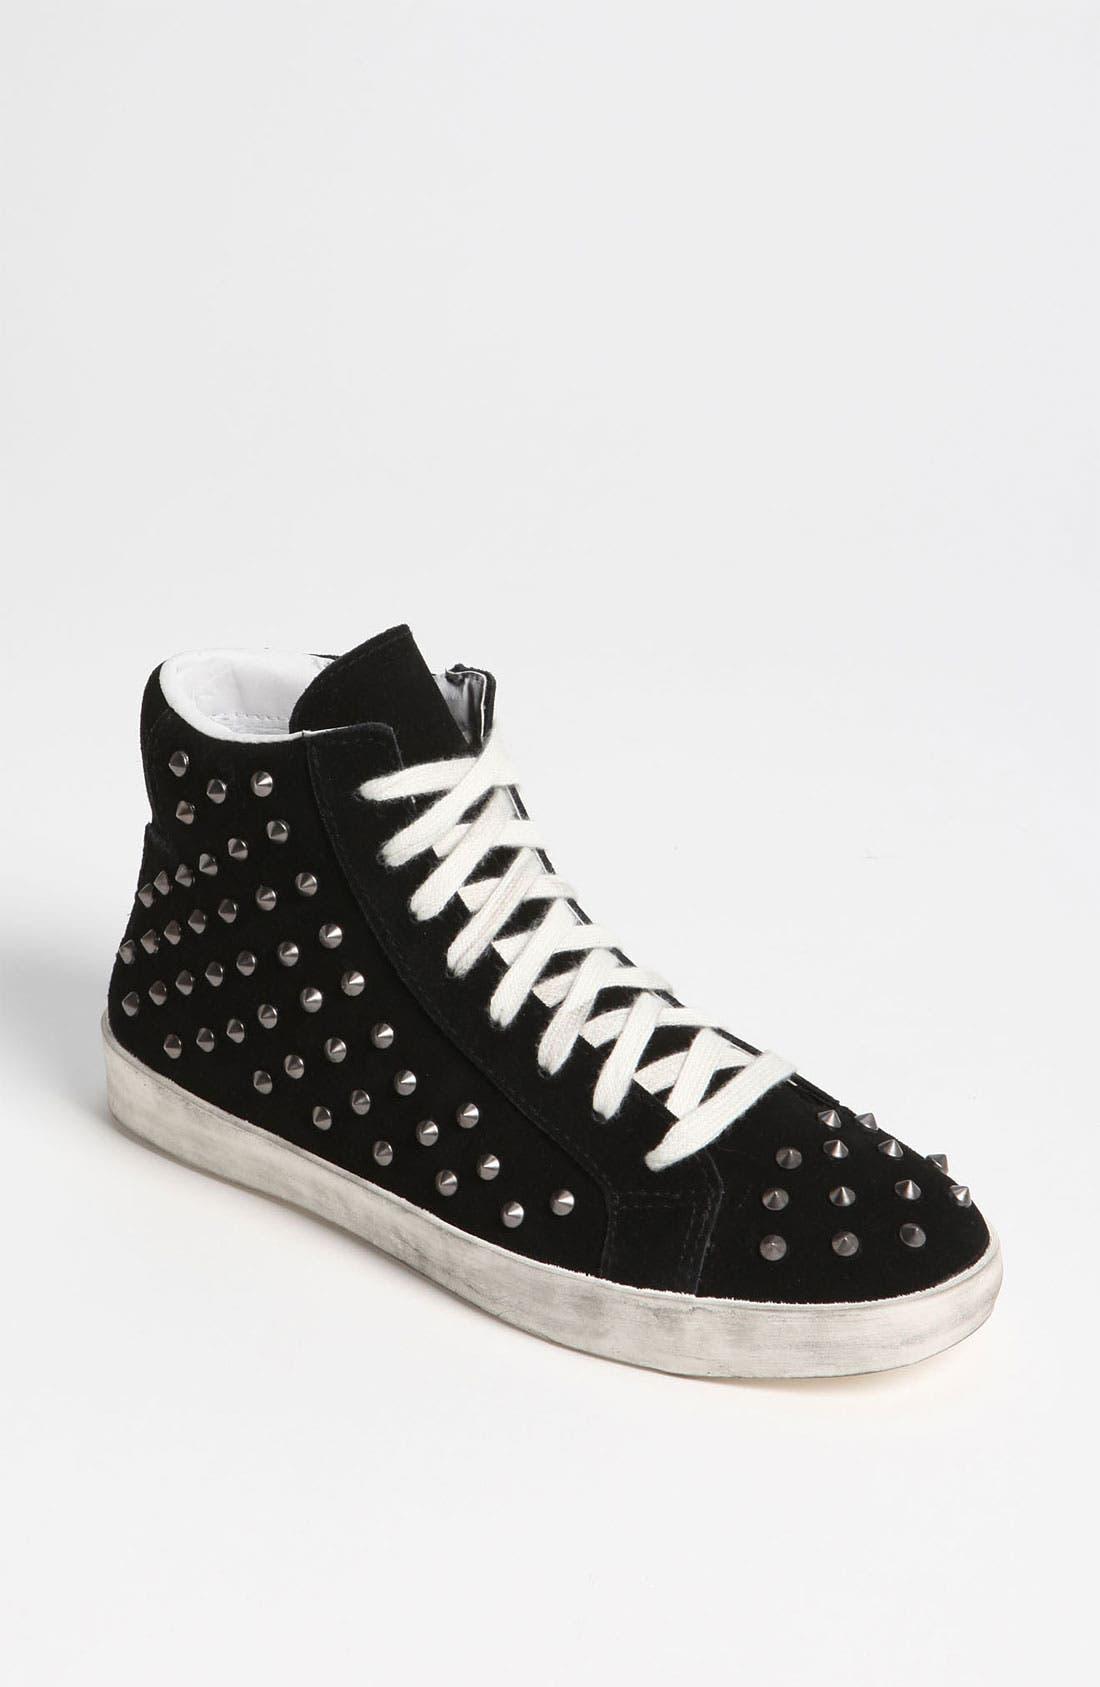 Alternate Image 1 Selected - Steve Madden 'Twynkle' Studded Sneaker